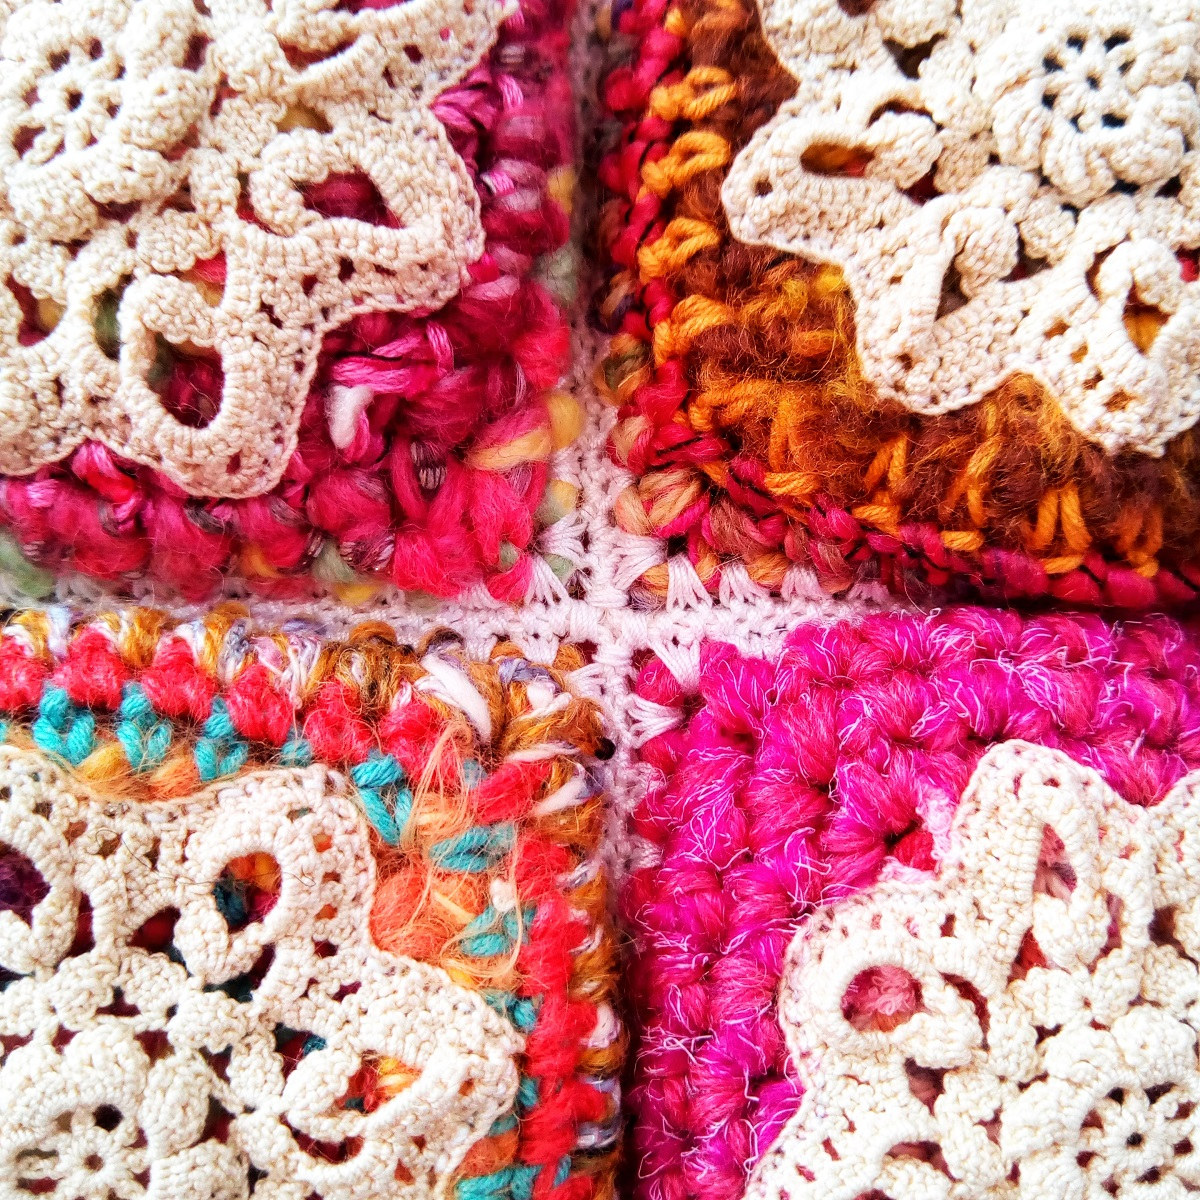 Nephthys Fiber Art Tote Bag - Nefti borsa tote fiber art